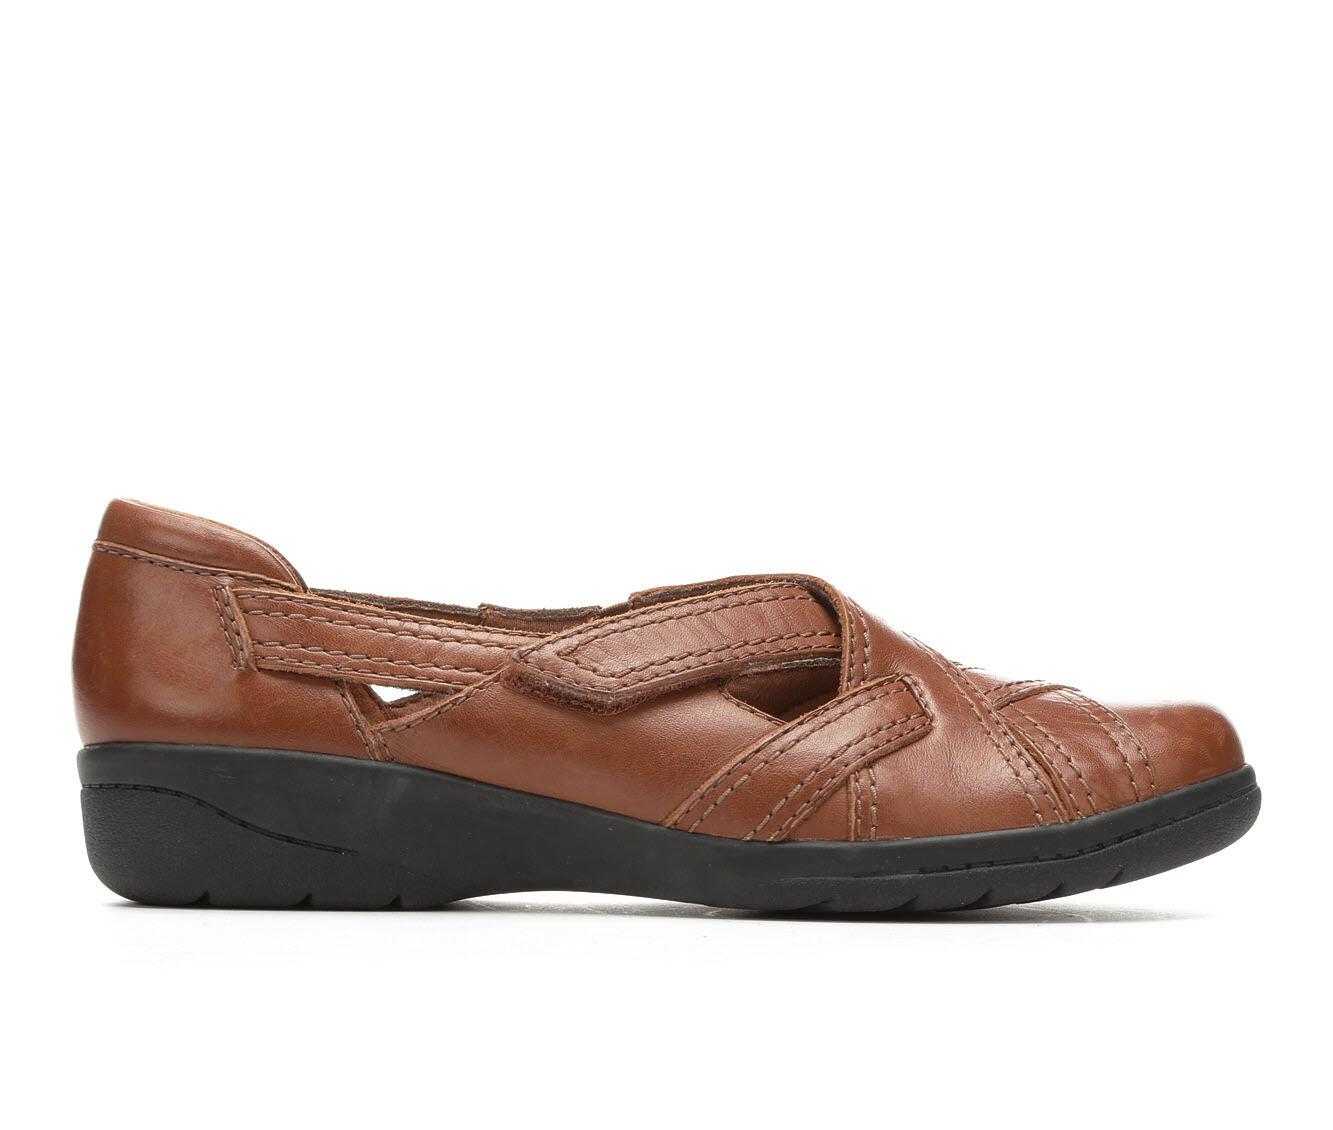 hot sale cheap online Women's Clarks Cheyn Wale Casual Shoes best place sale online get to buy YCtt9ERTd